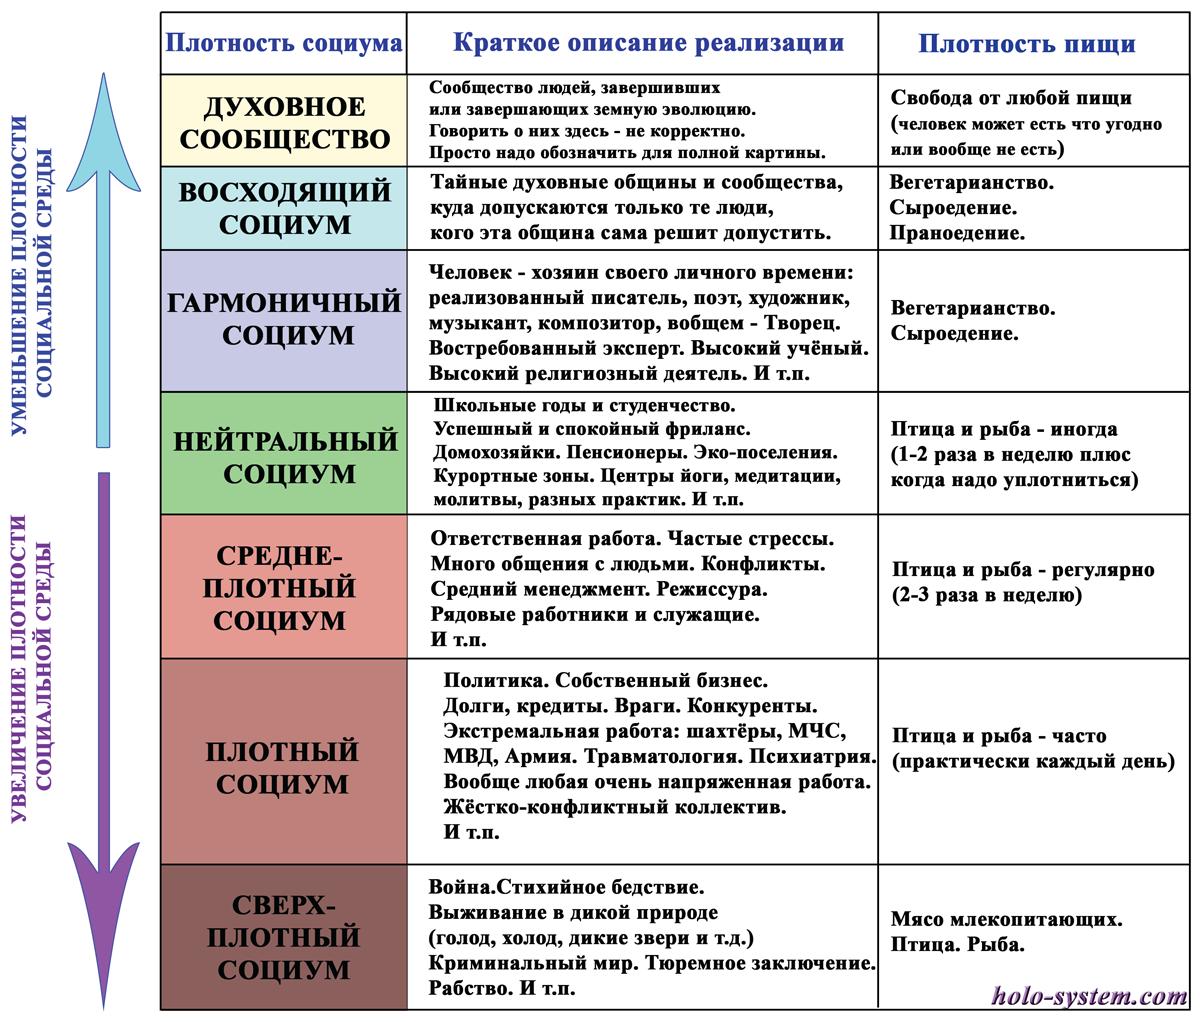 Table_Plotnost_pitanie_i_sreda_